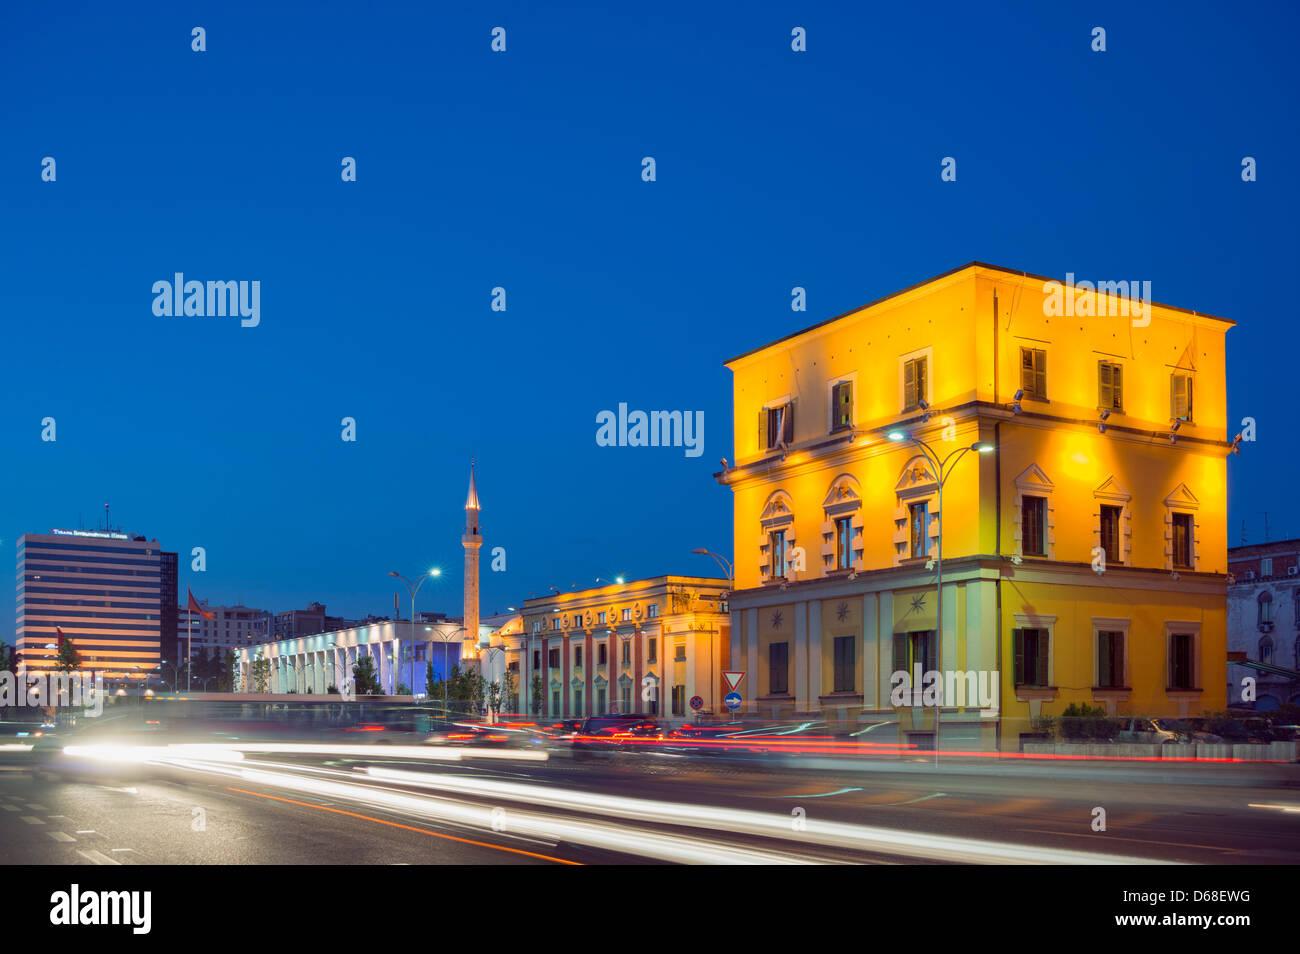 Europe, Albania, Tirana, city center - Stock Image